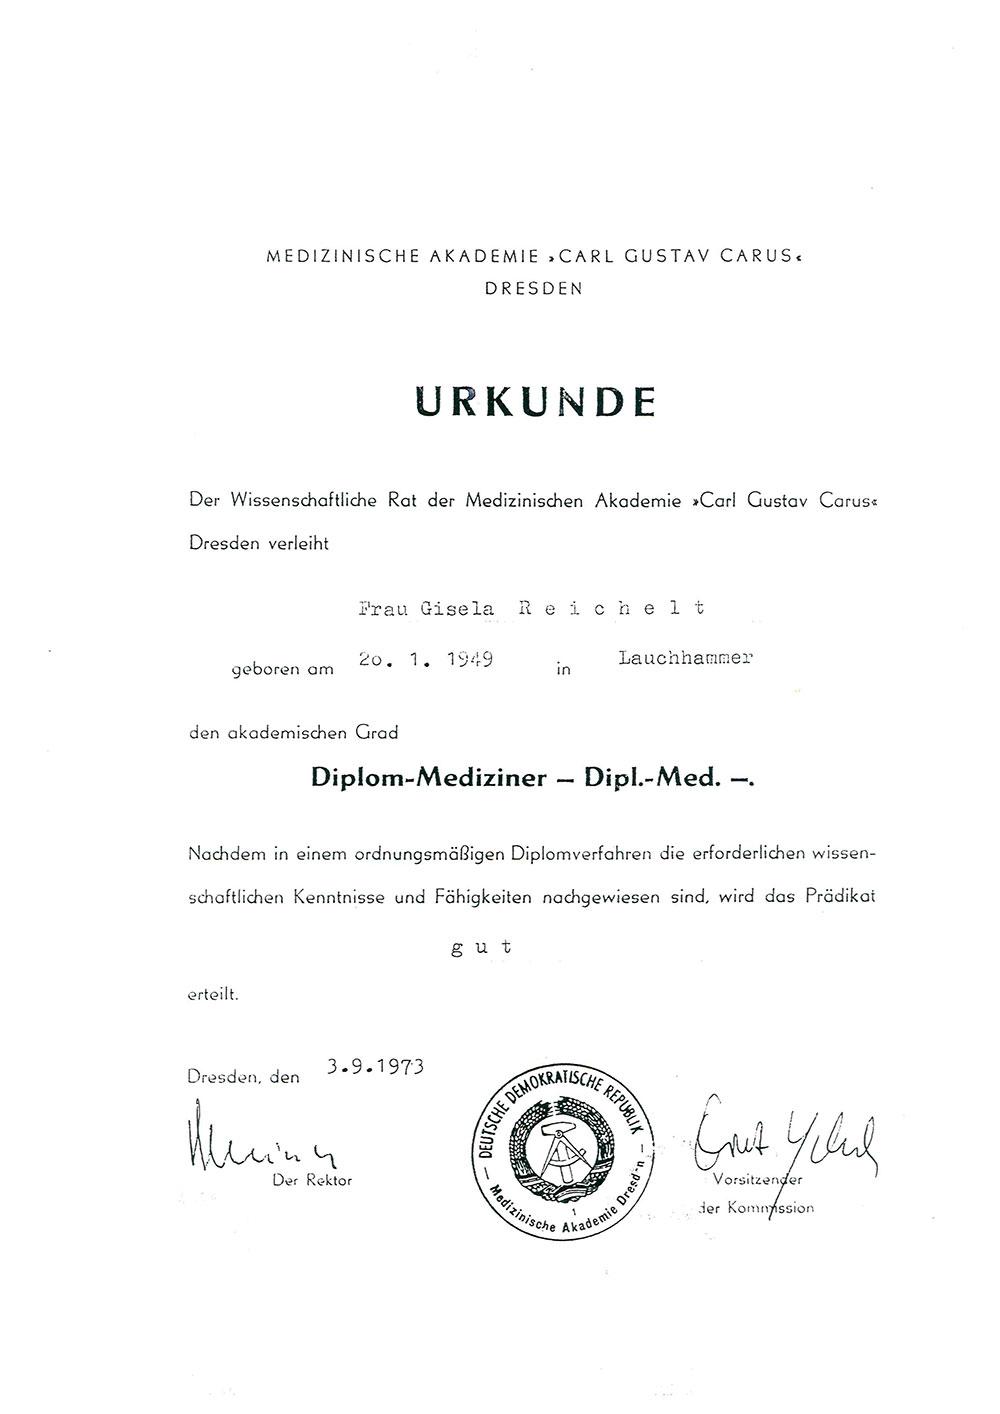 Urkunde-Reichelt